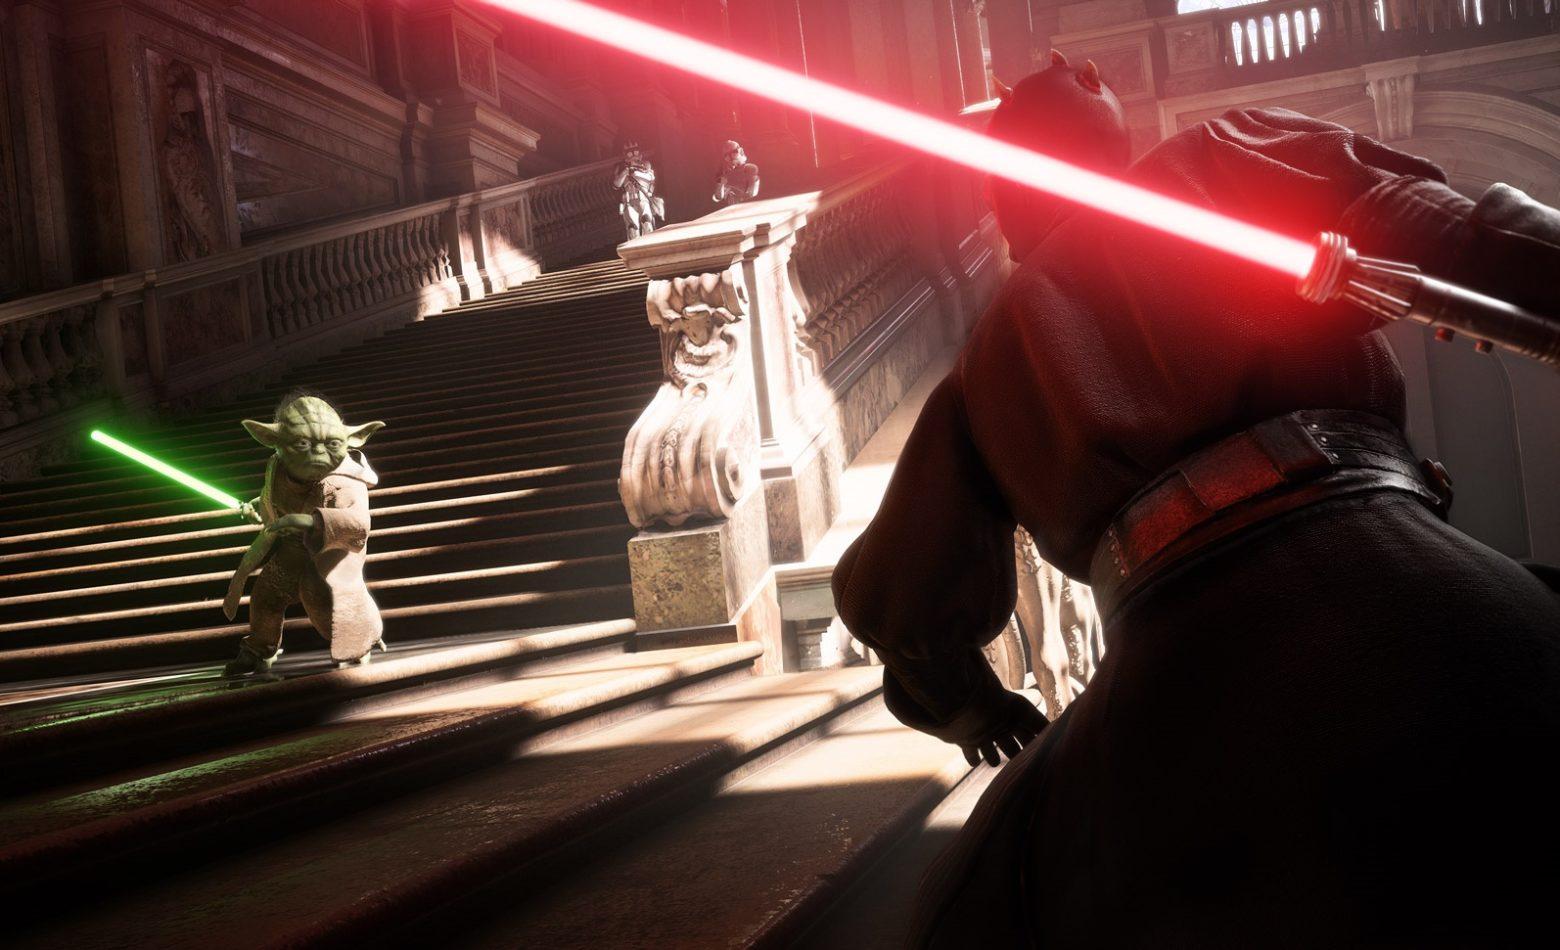 Star Wars Battlefront 2 e as microtransações: entendendo a polêmica